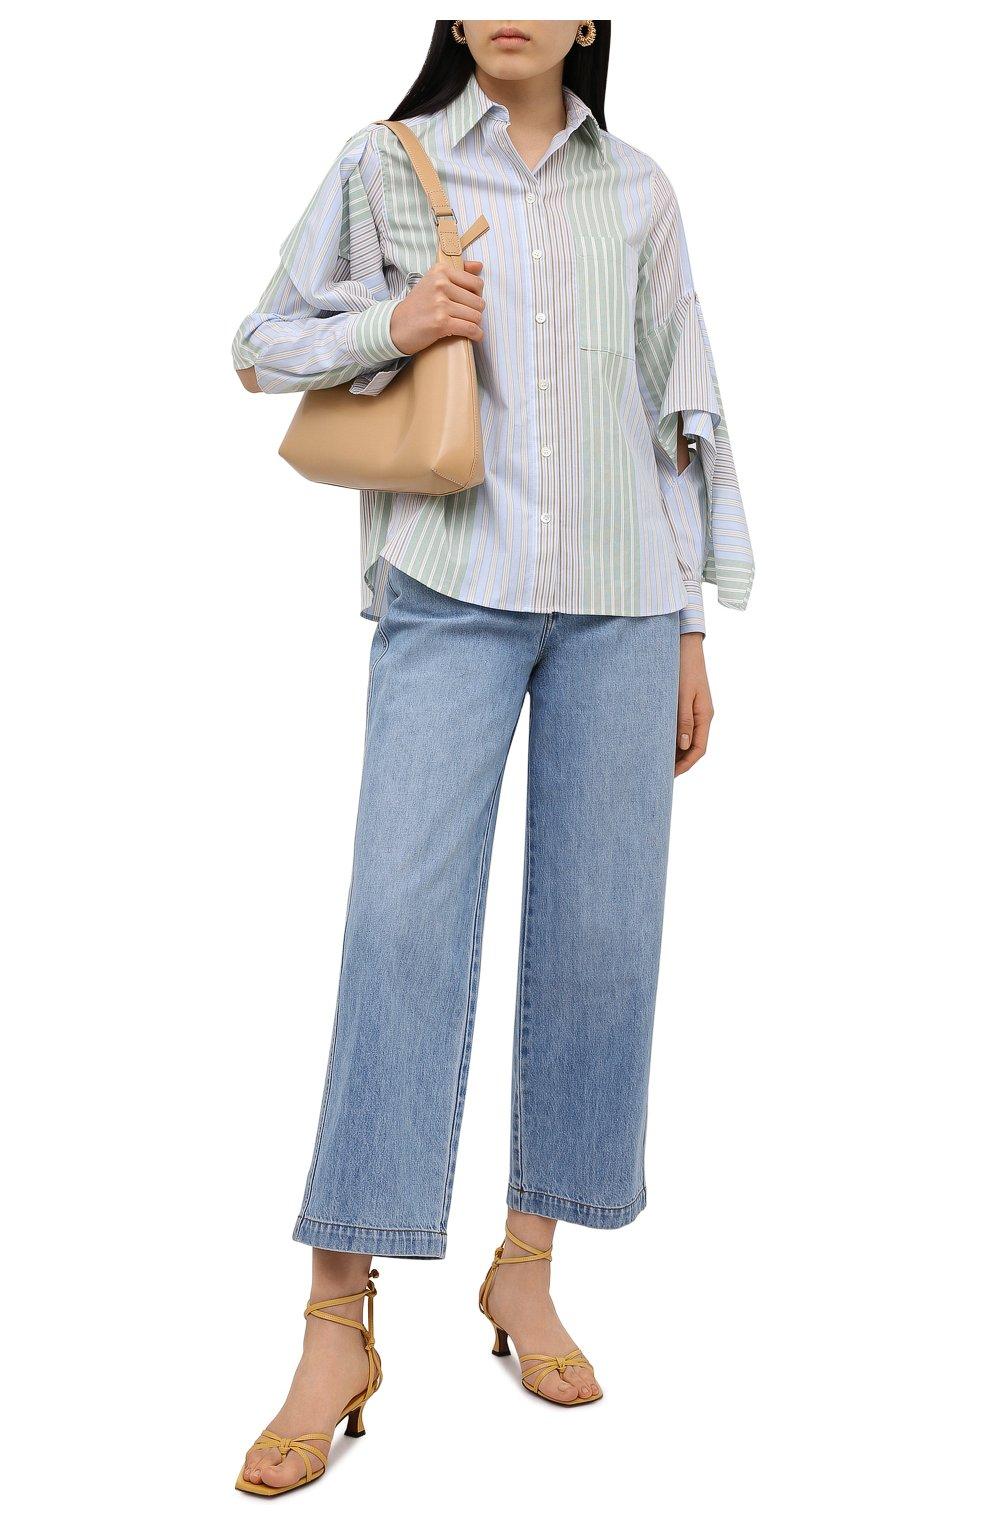 Женские кожаные босоножки MANU ATELIER желтого цвета, арт. 2021140 | Фото 2 (Каблук высота: Низкий; Материал внутренний: Натуральная кожа; Каблук тип: Устойчивый; Подошва: Плоская)